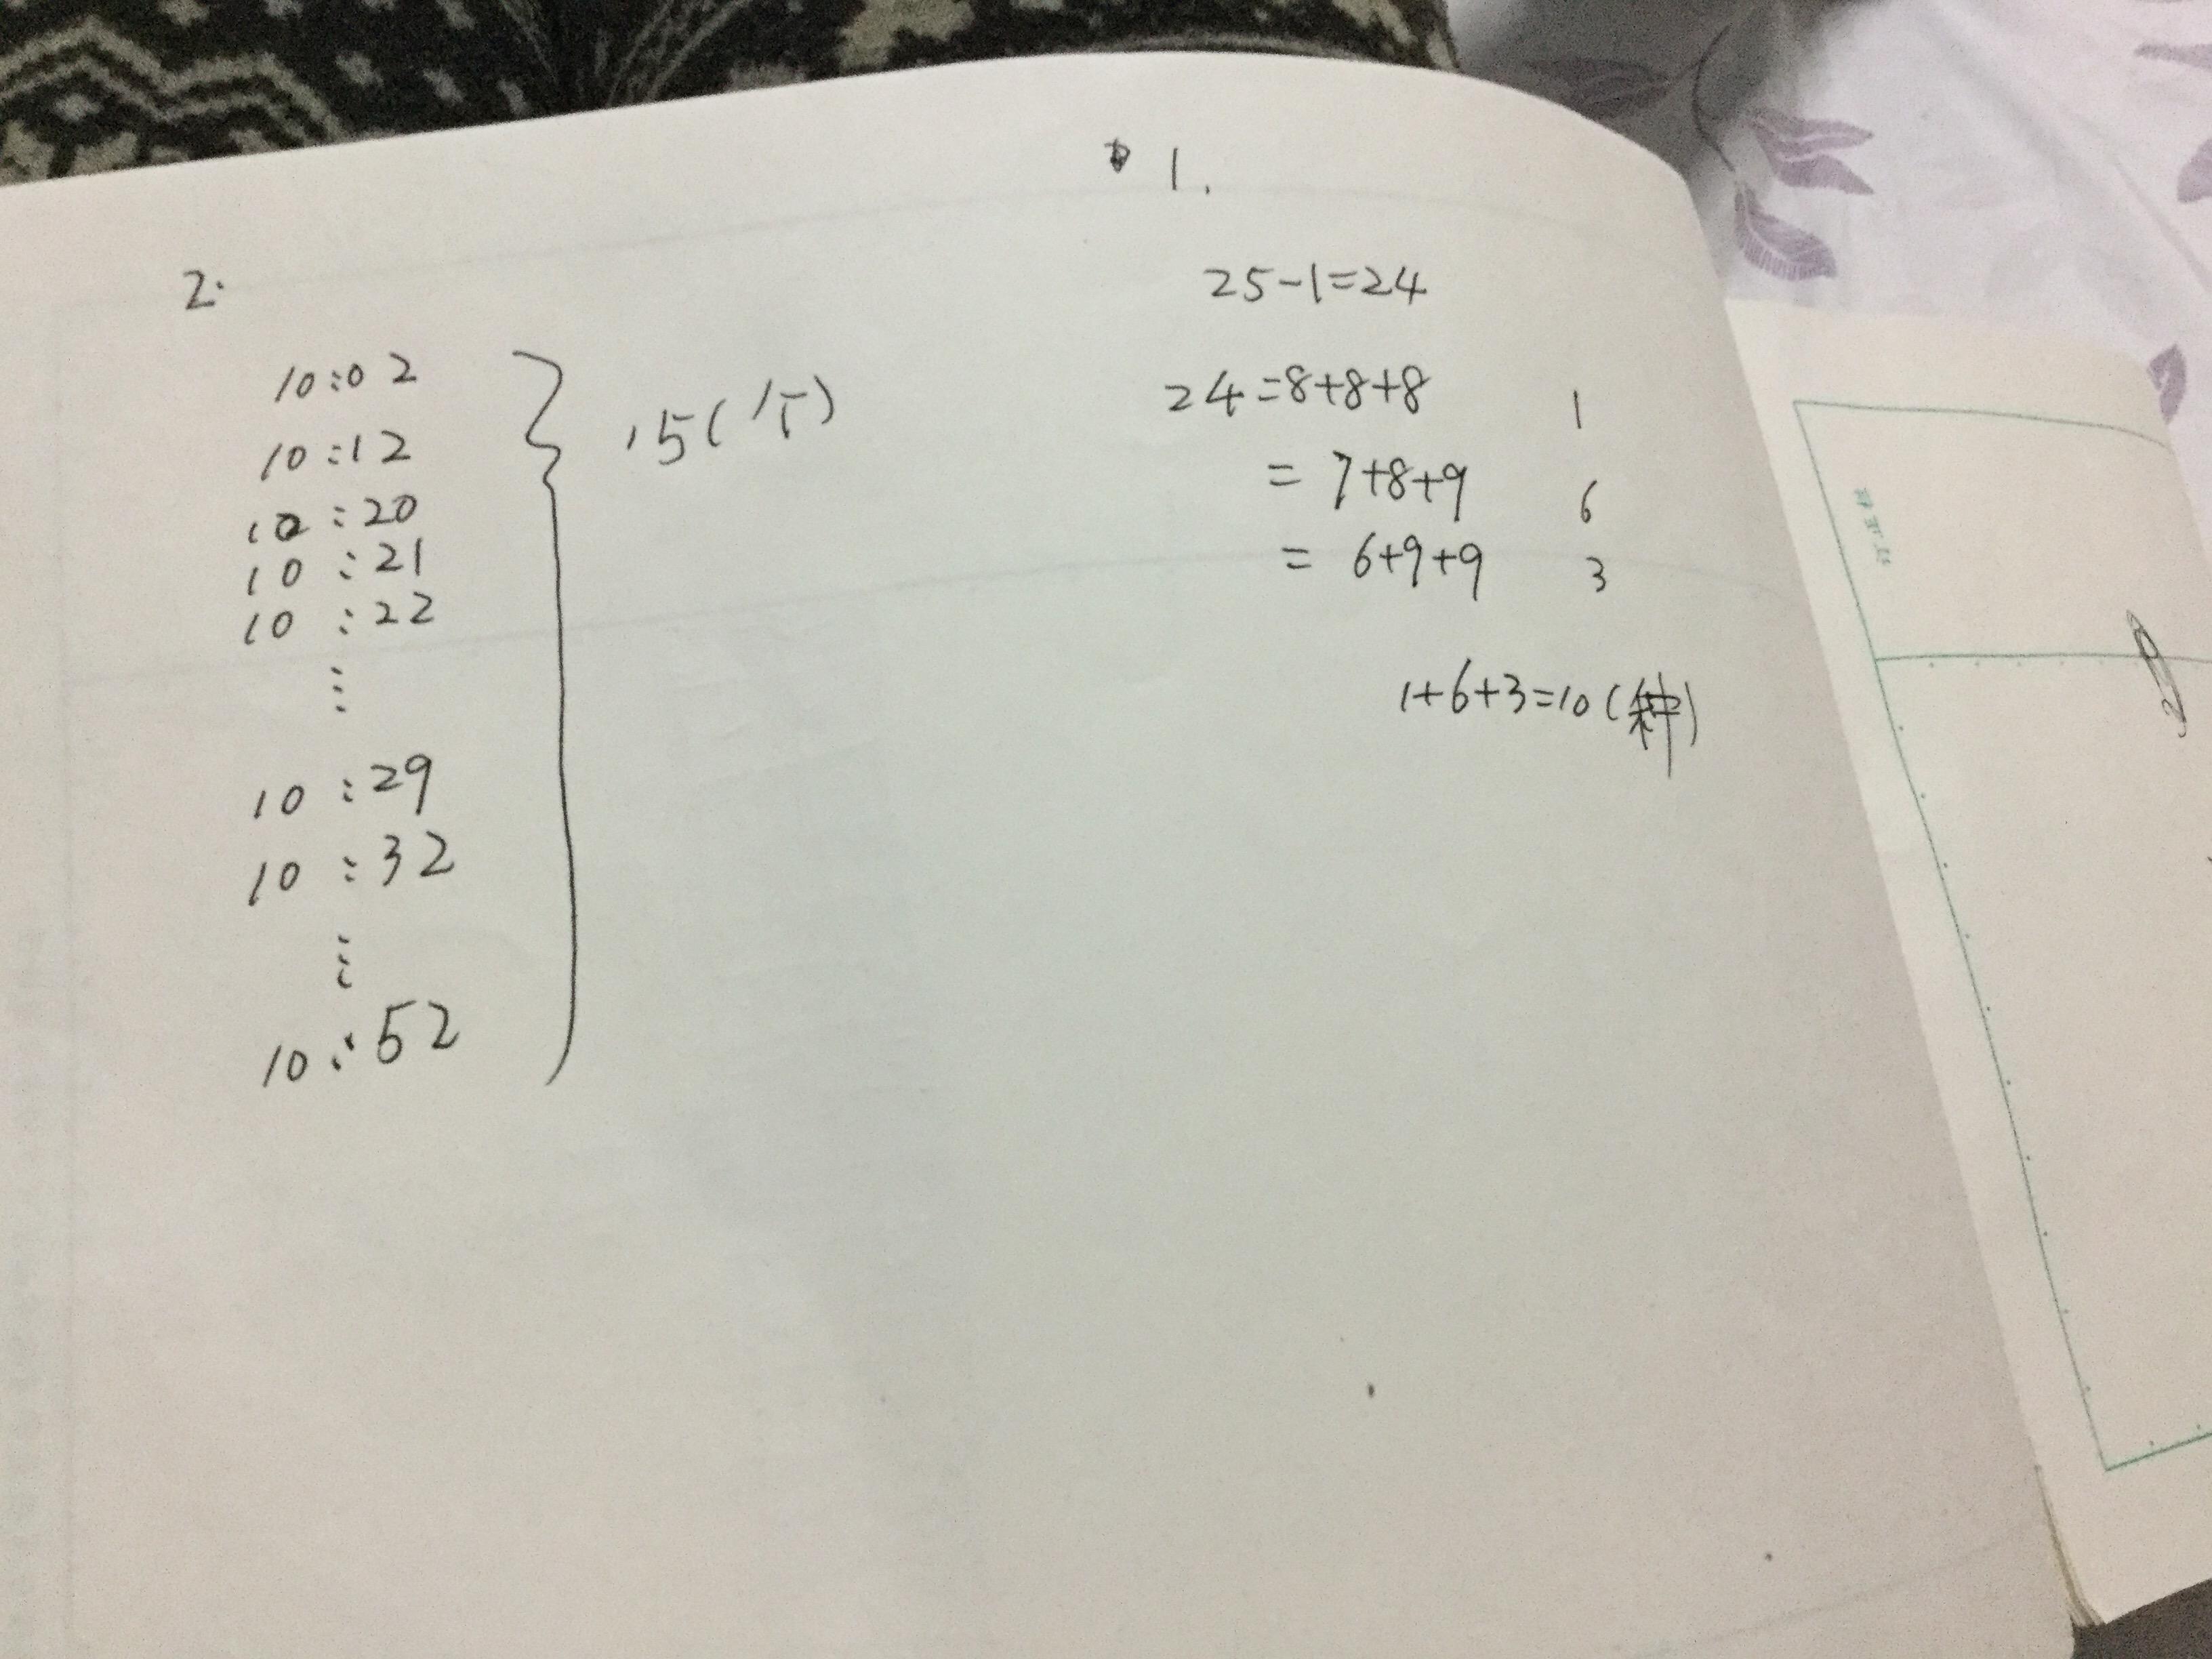 90CE2281-C9E0-44BB-8124-A08EC17D7005.jpg